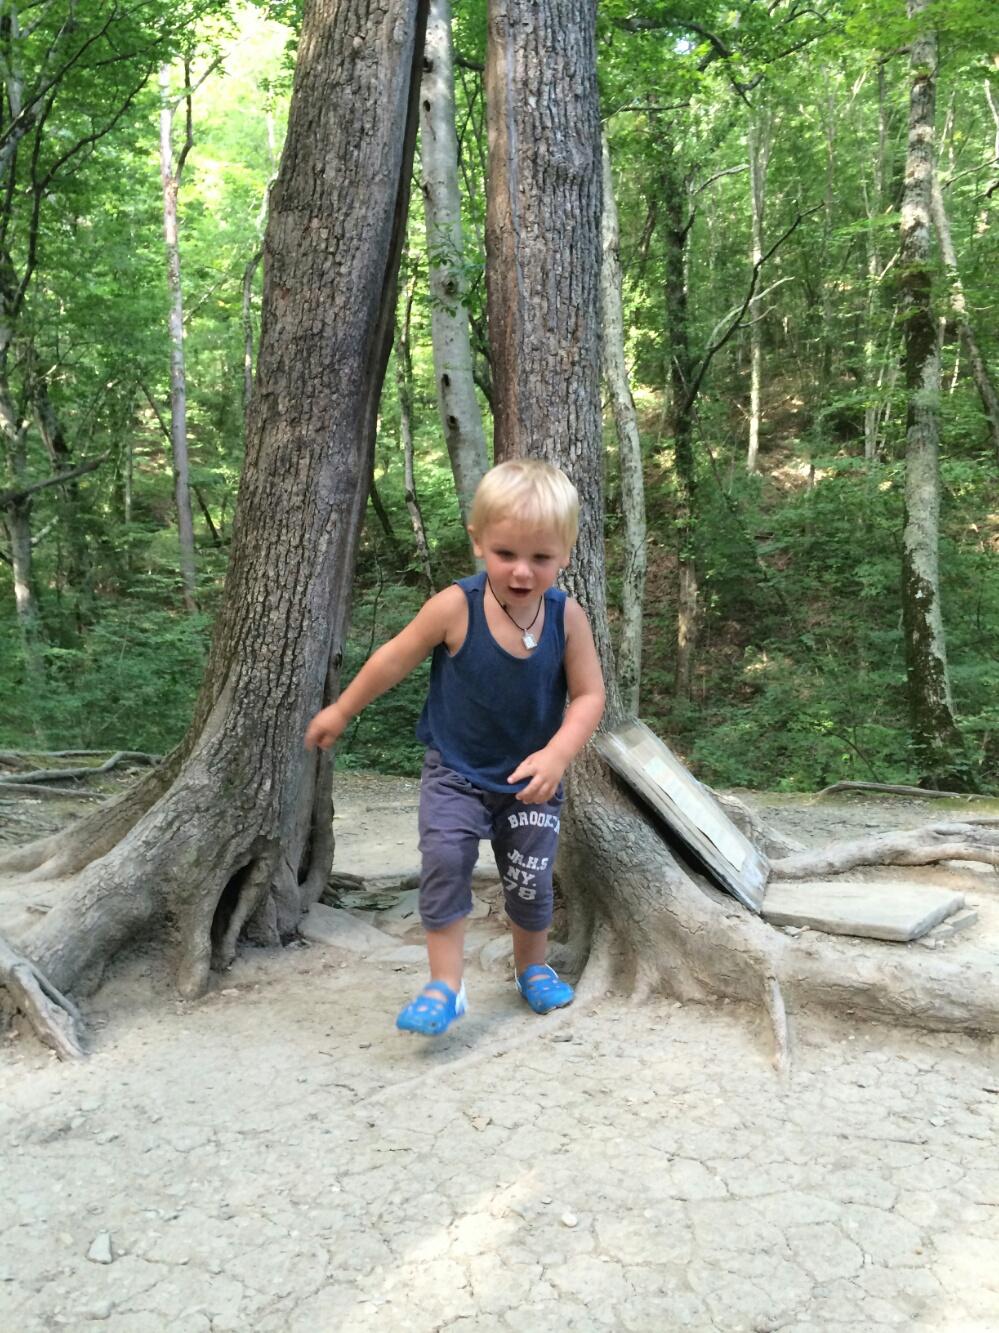 Тёма пробегает в расщелине ствола дерева Желаний